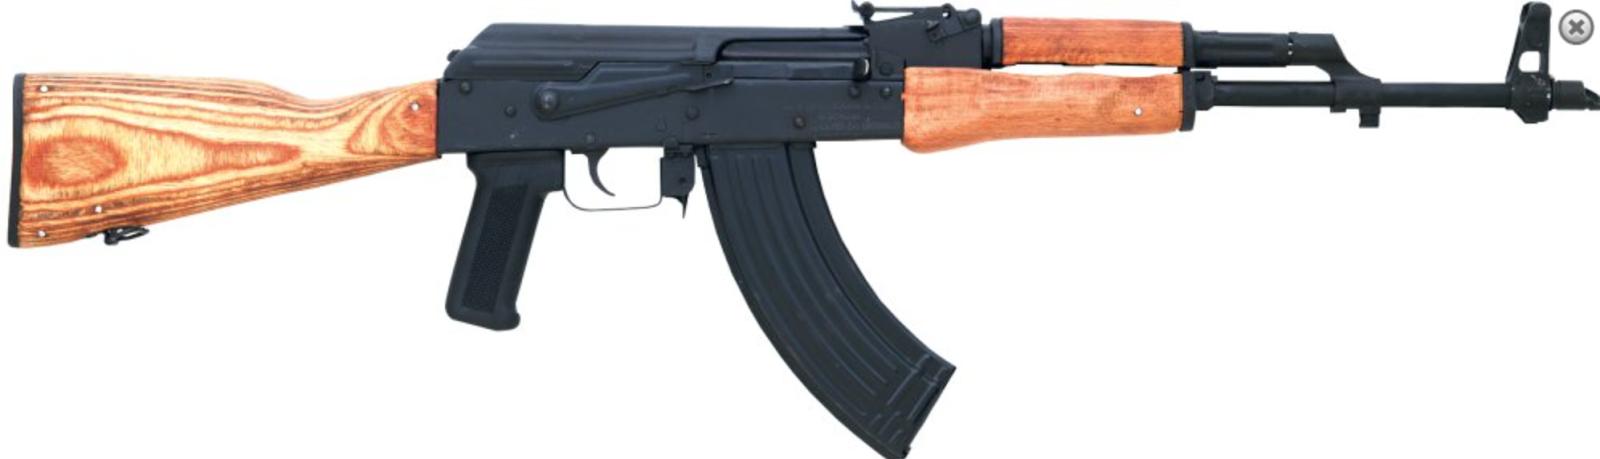 The Crow Flys: Gun Review: Zastava N-PAP M70 AK-47